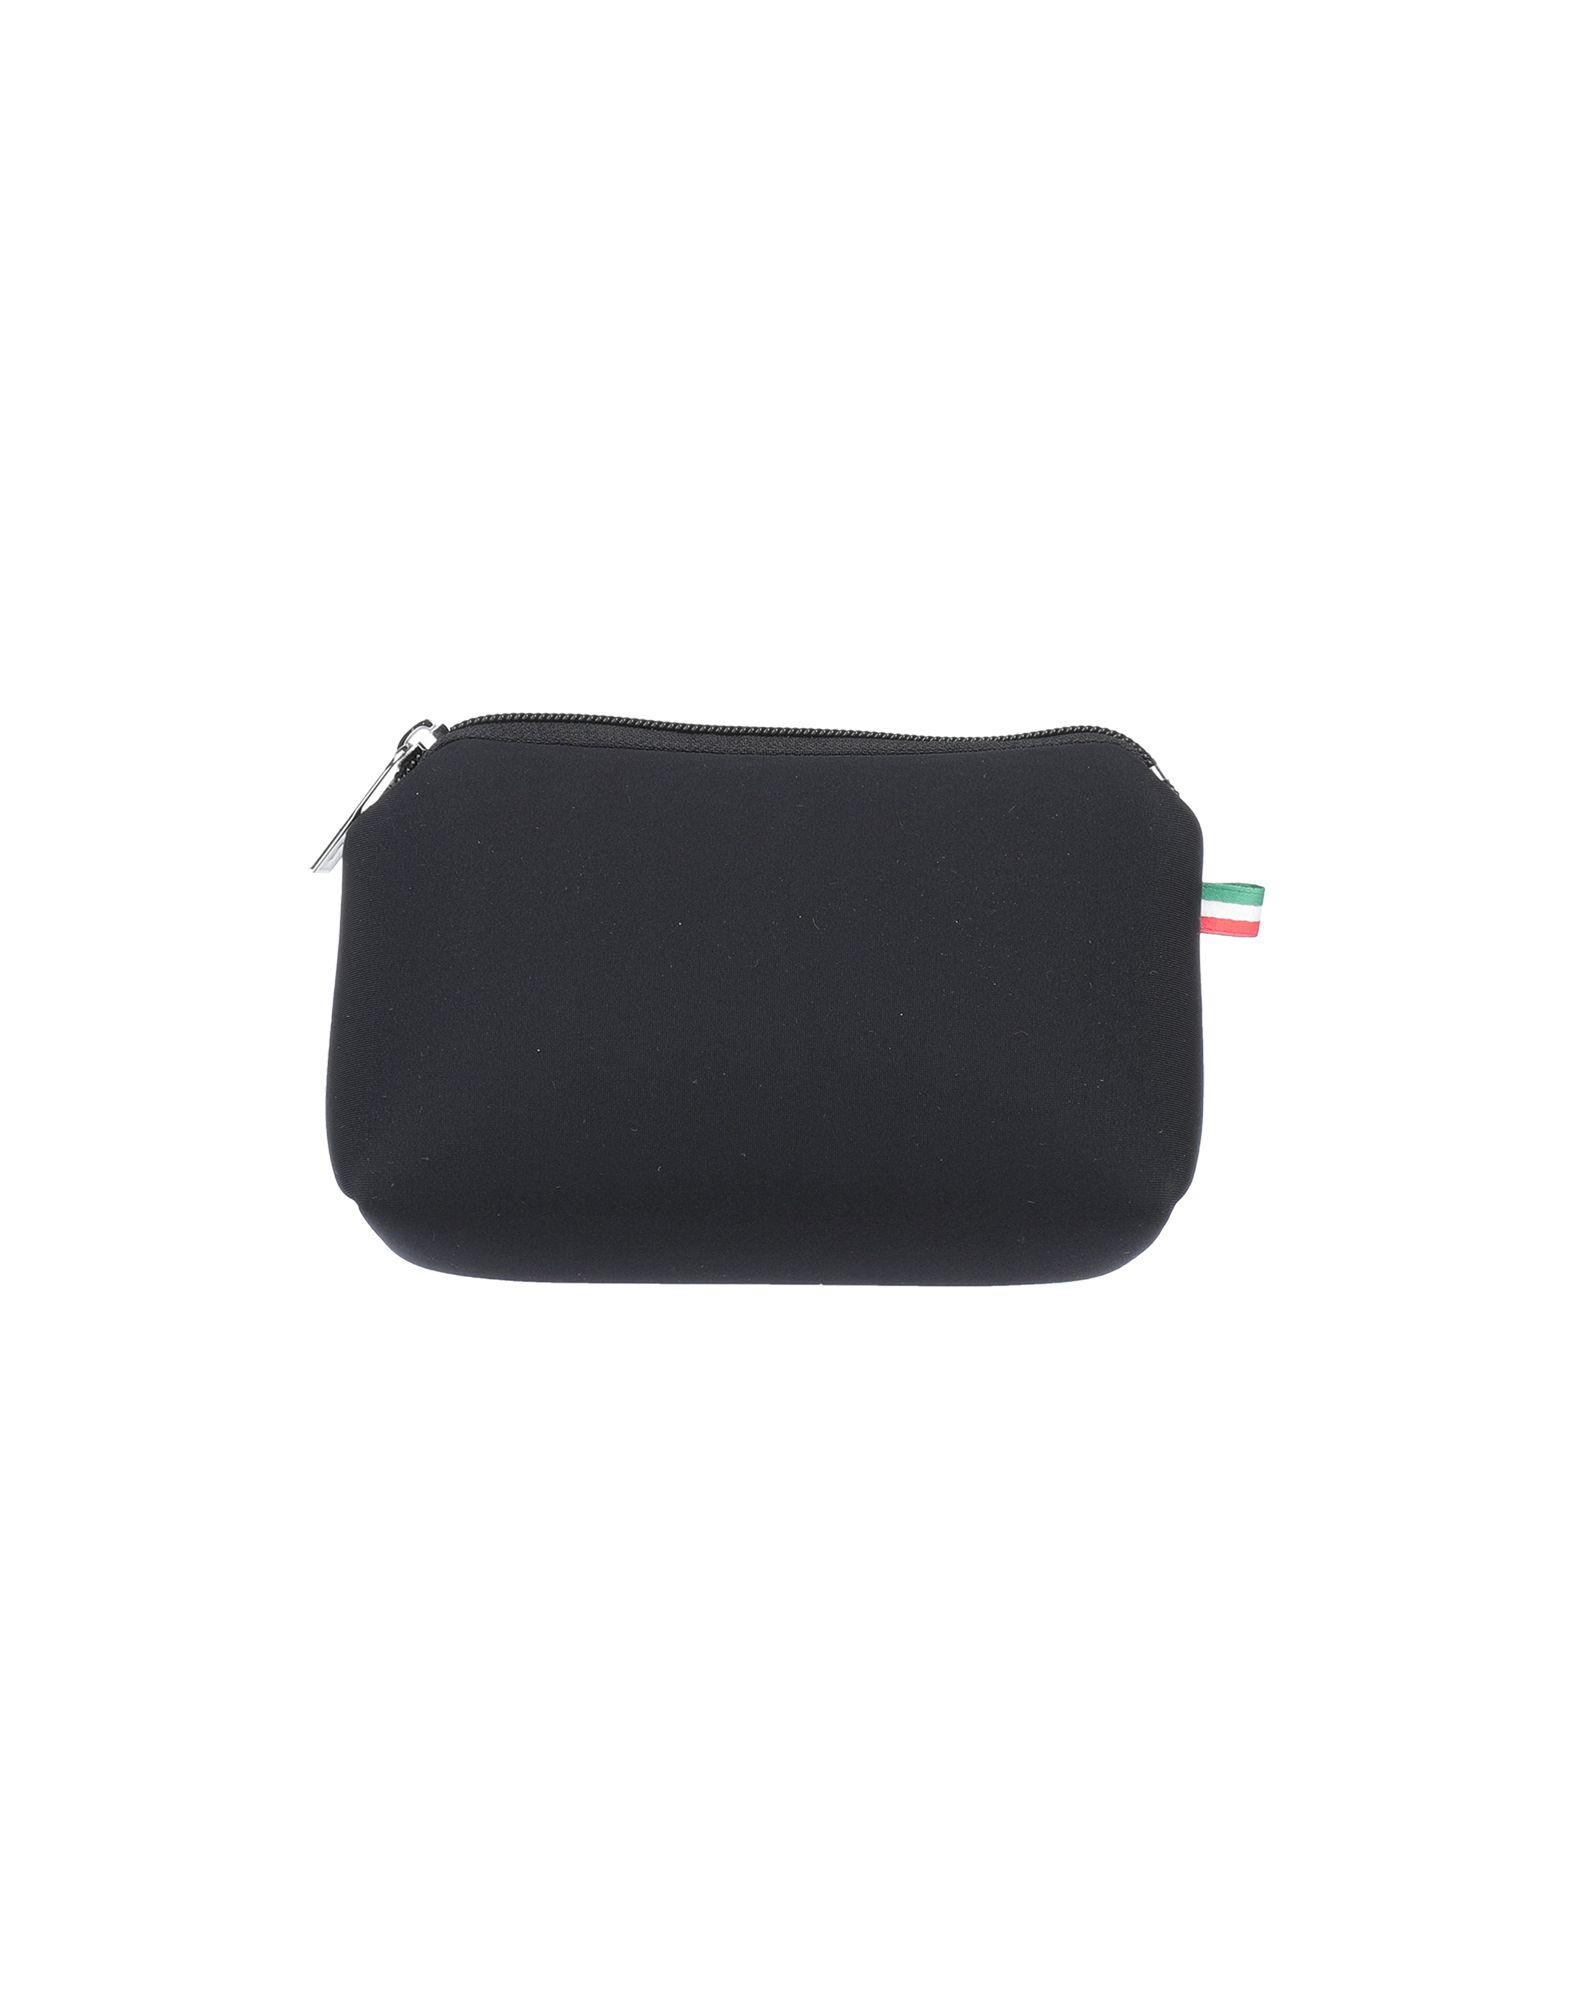 《セール開催中》SAVE MY BAG レディース 小銭入れ ブラック ポリエーテル 50% / ポリエステル 40% / ポリウレタン 10%